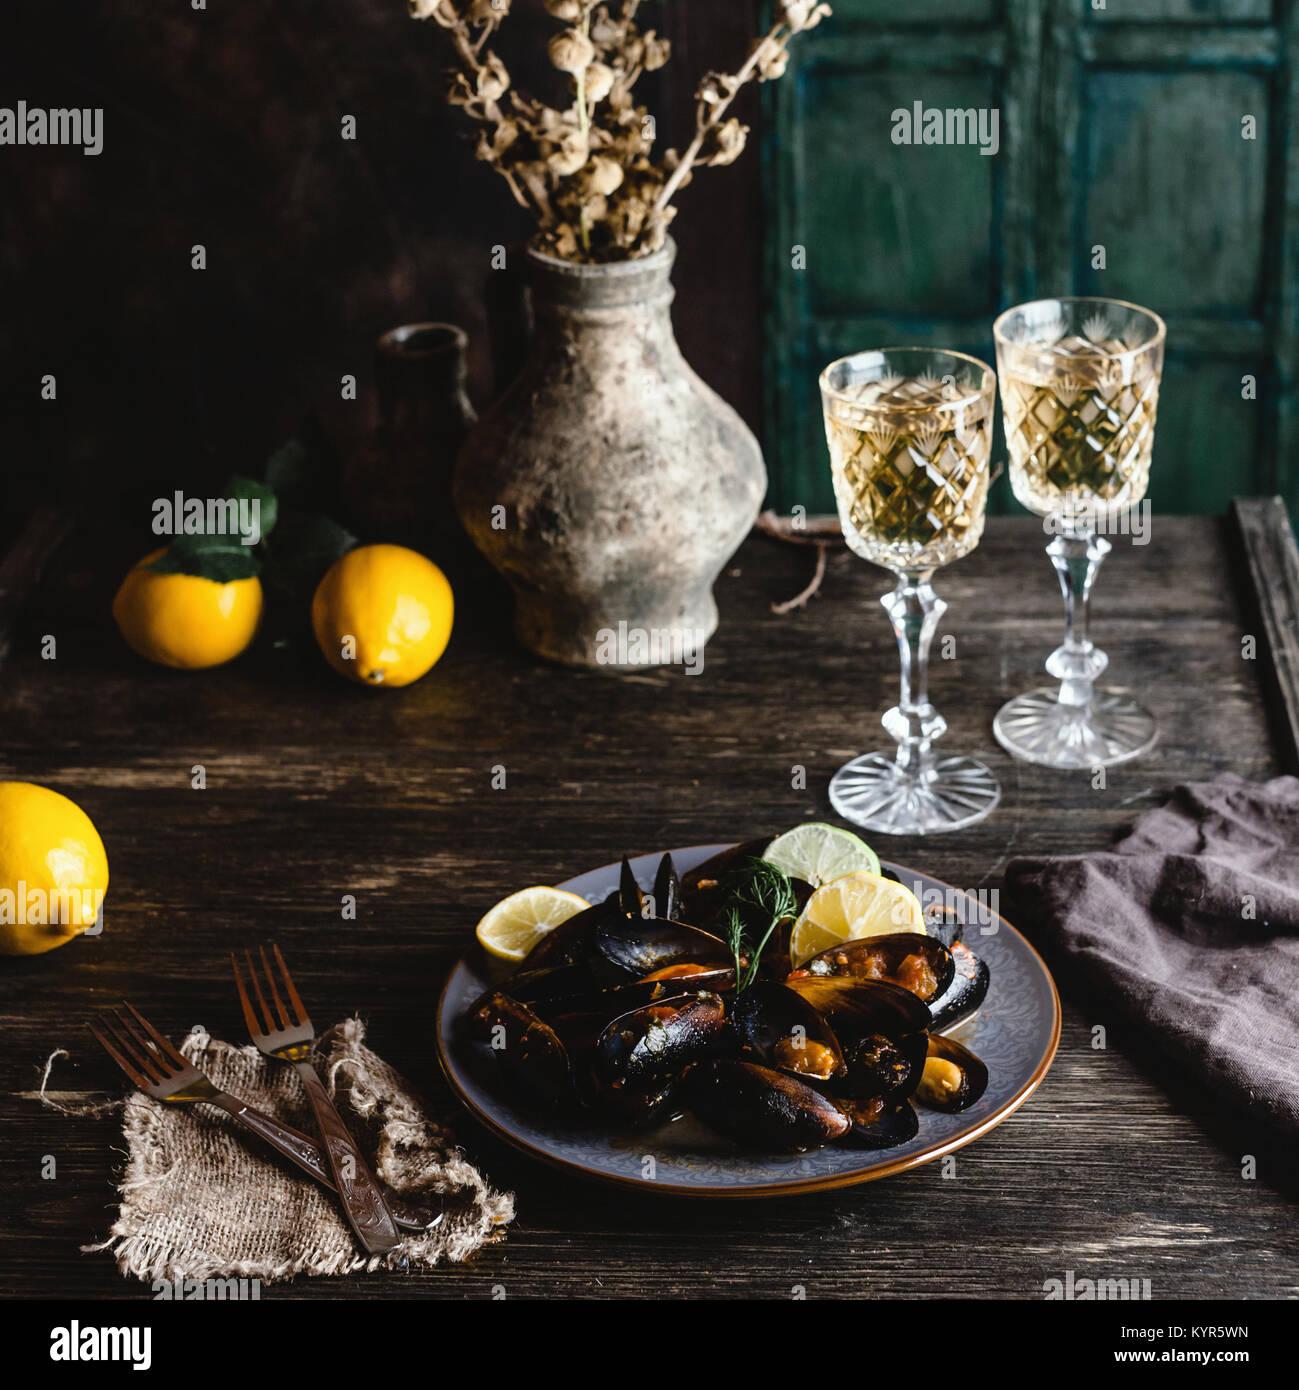 Mejillones cocidos con conchas sirvió en la placa con dos copas de vino blanco sobre la mesa de madera Foto de stock